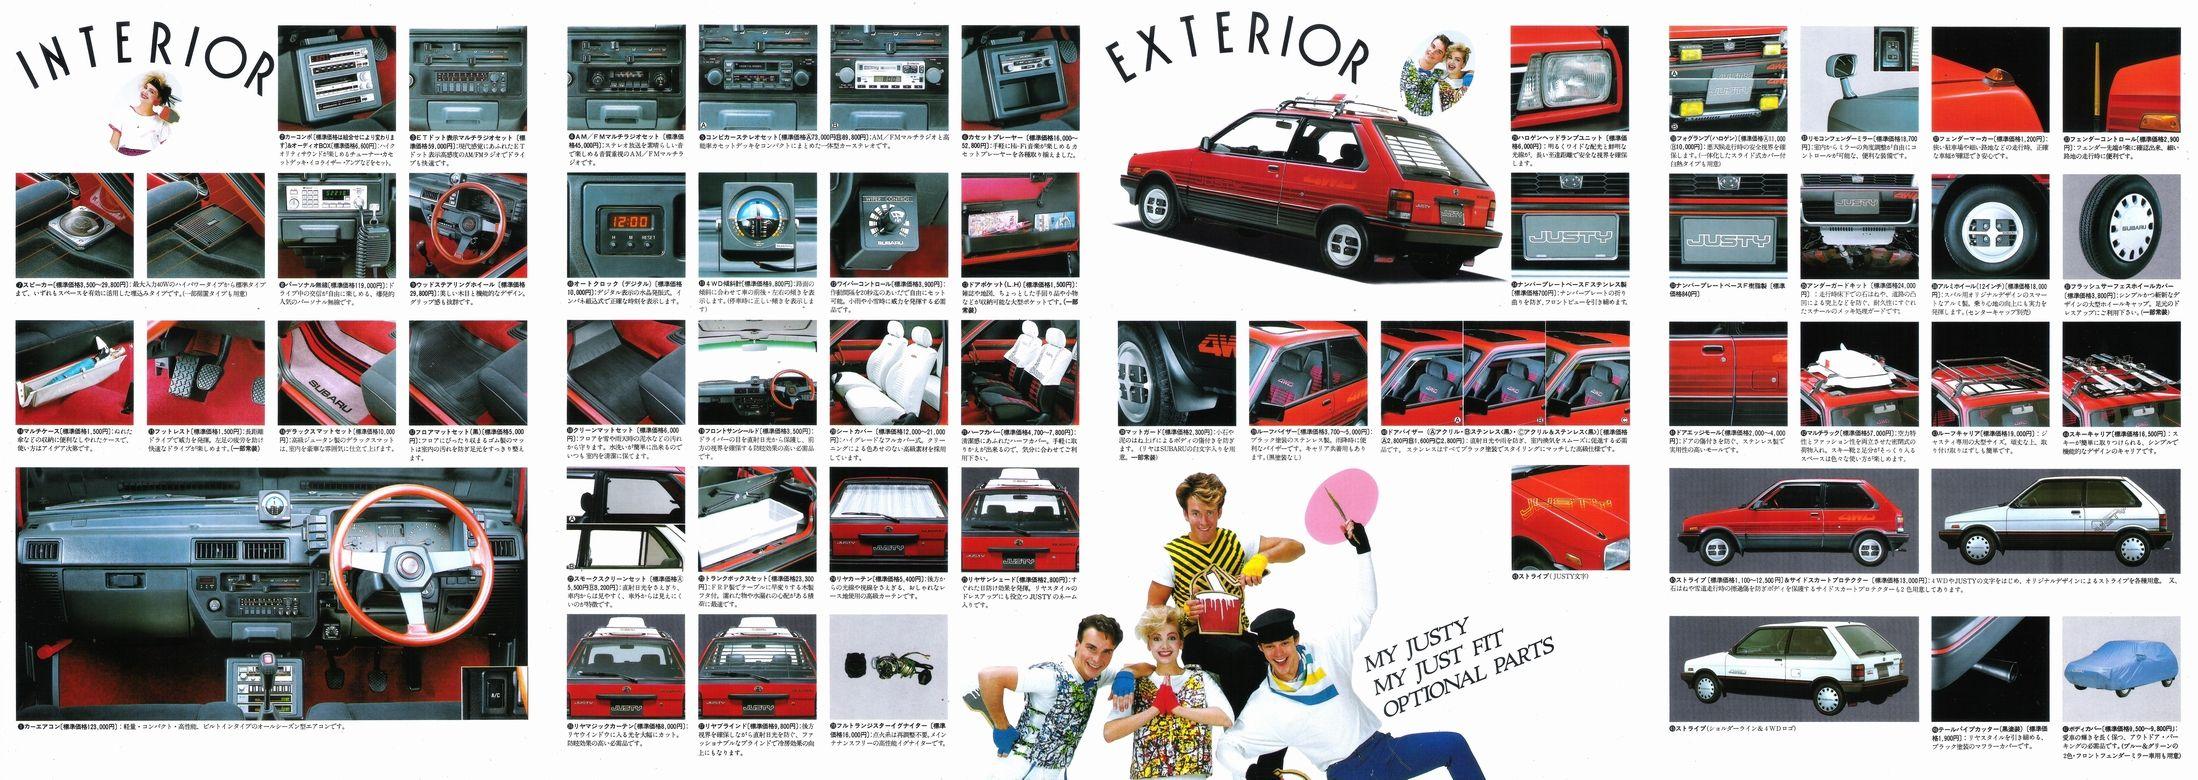 Vintage Subaru Brochure Subaru Justy Accessories Ridehomehappy